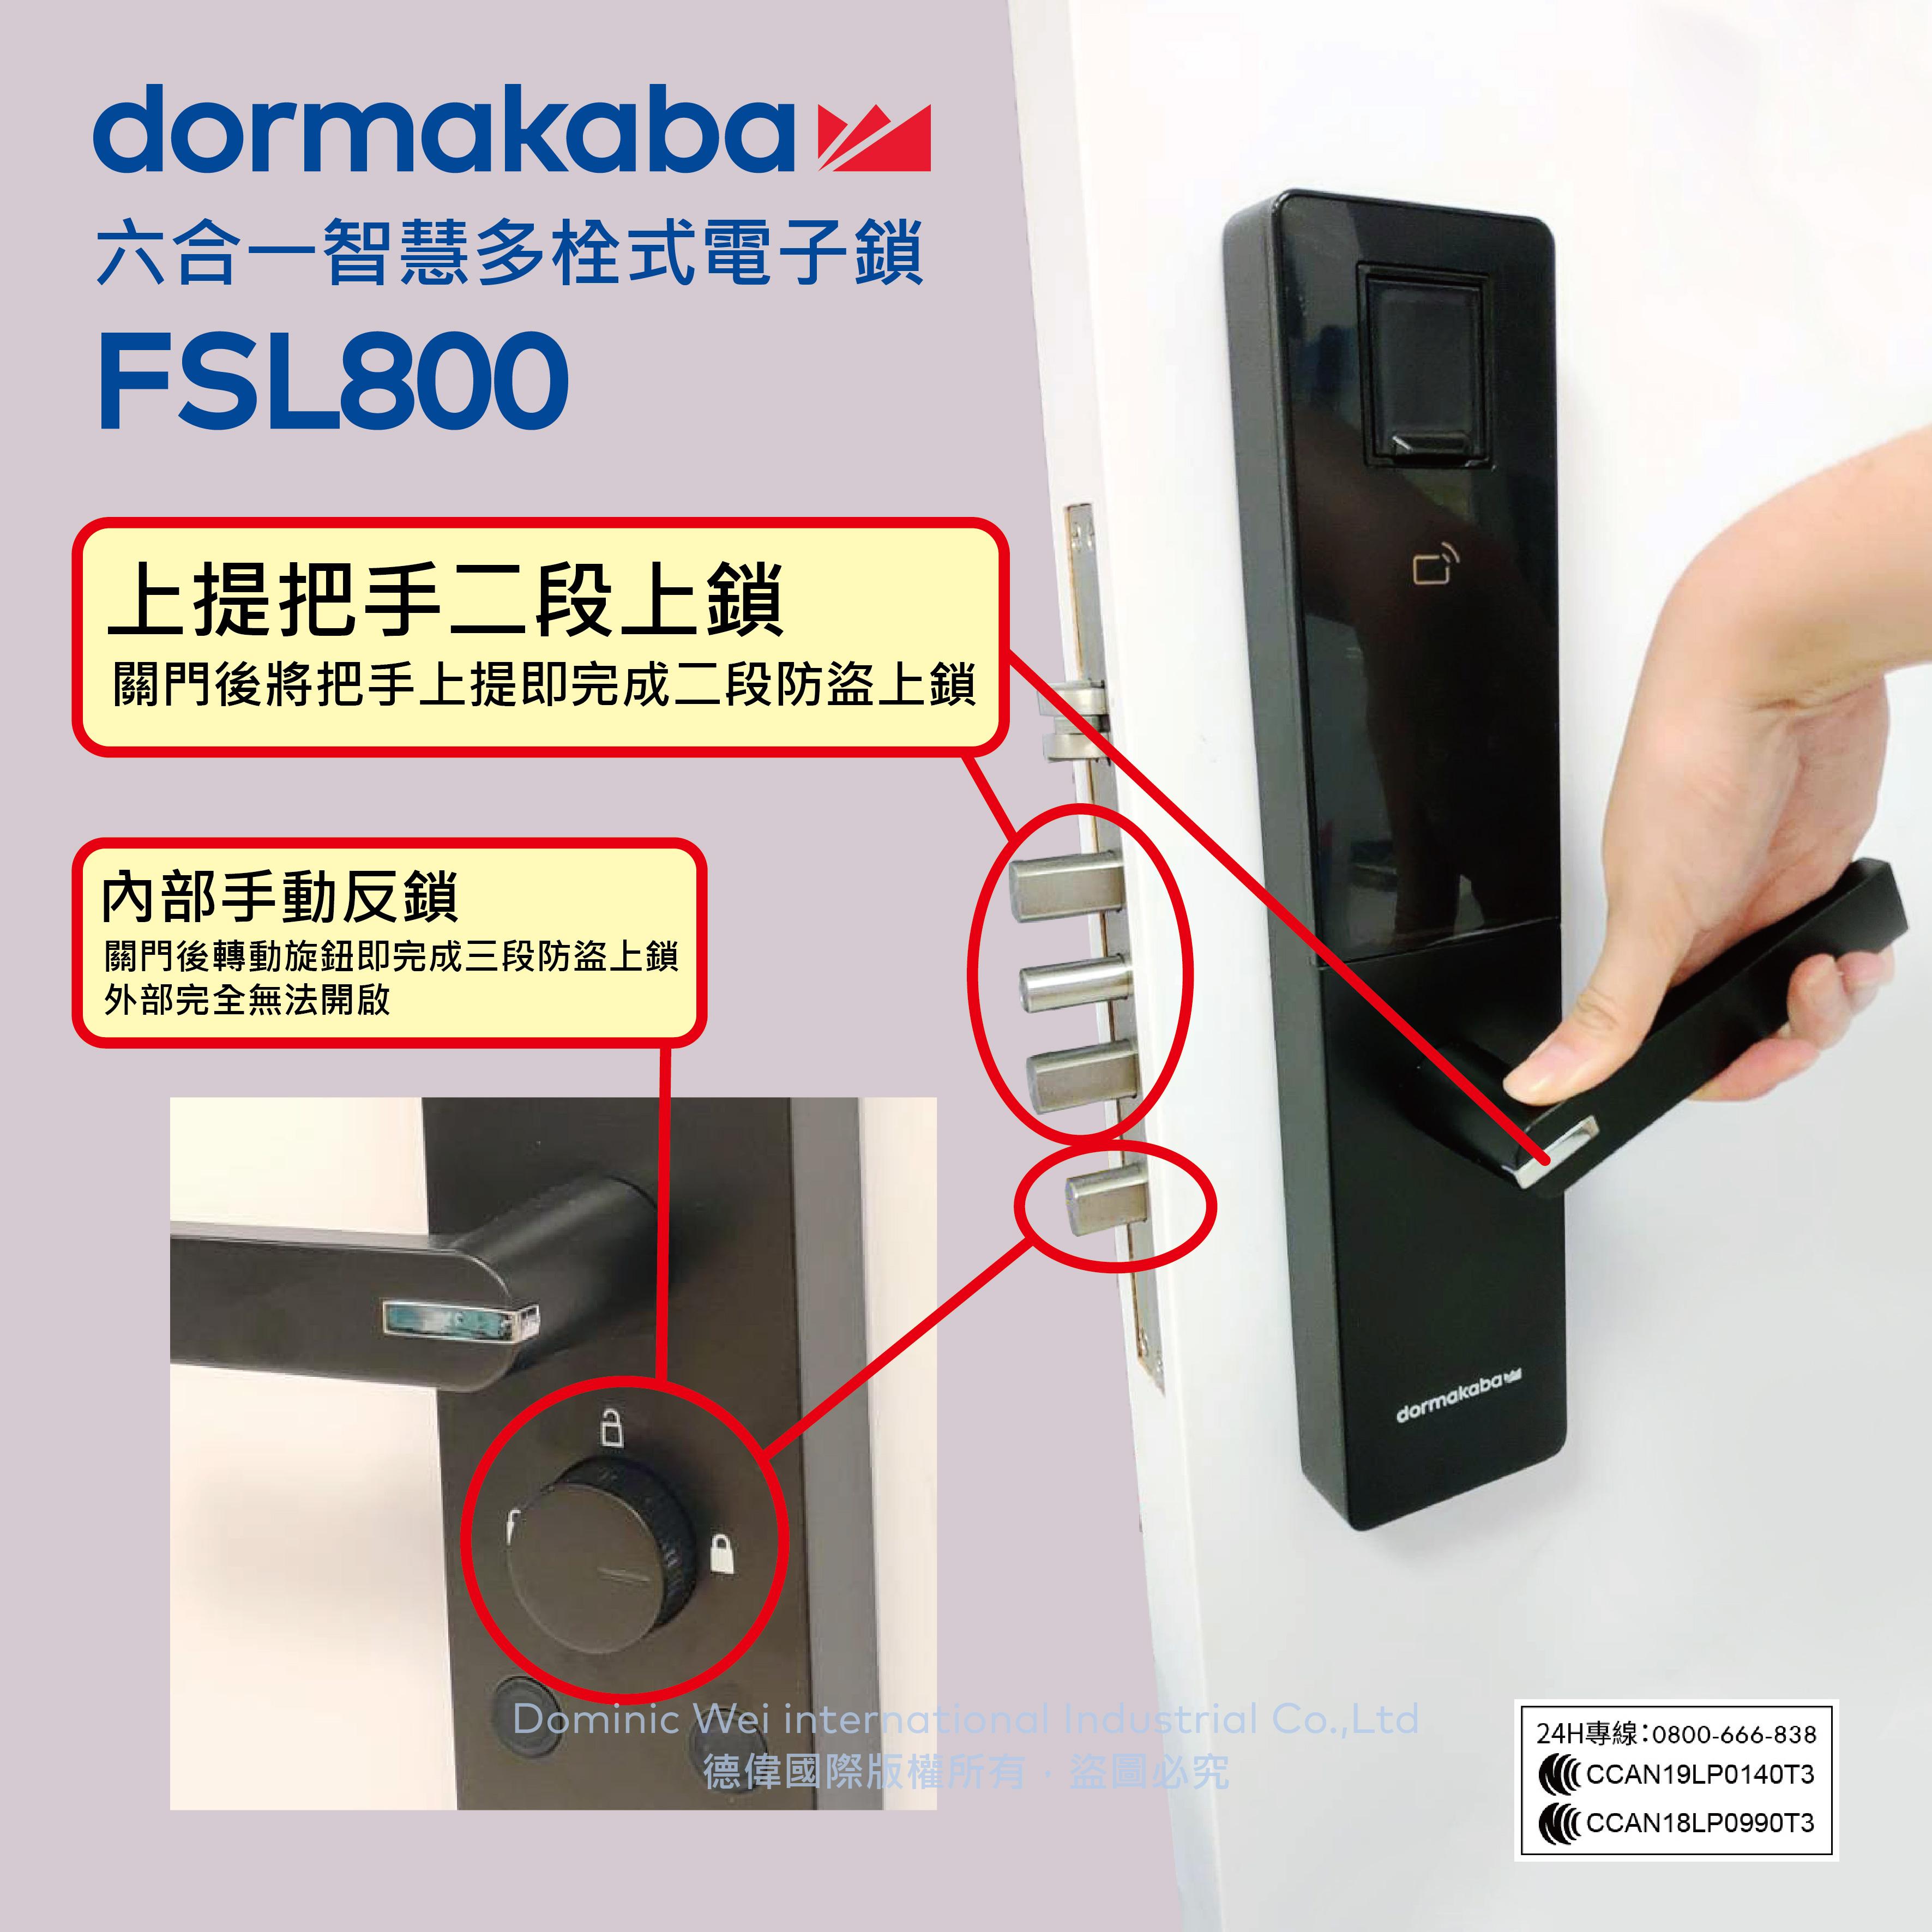 FSL800 bunner簡約版5-01.jpg